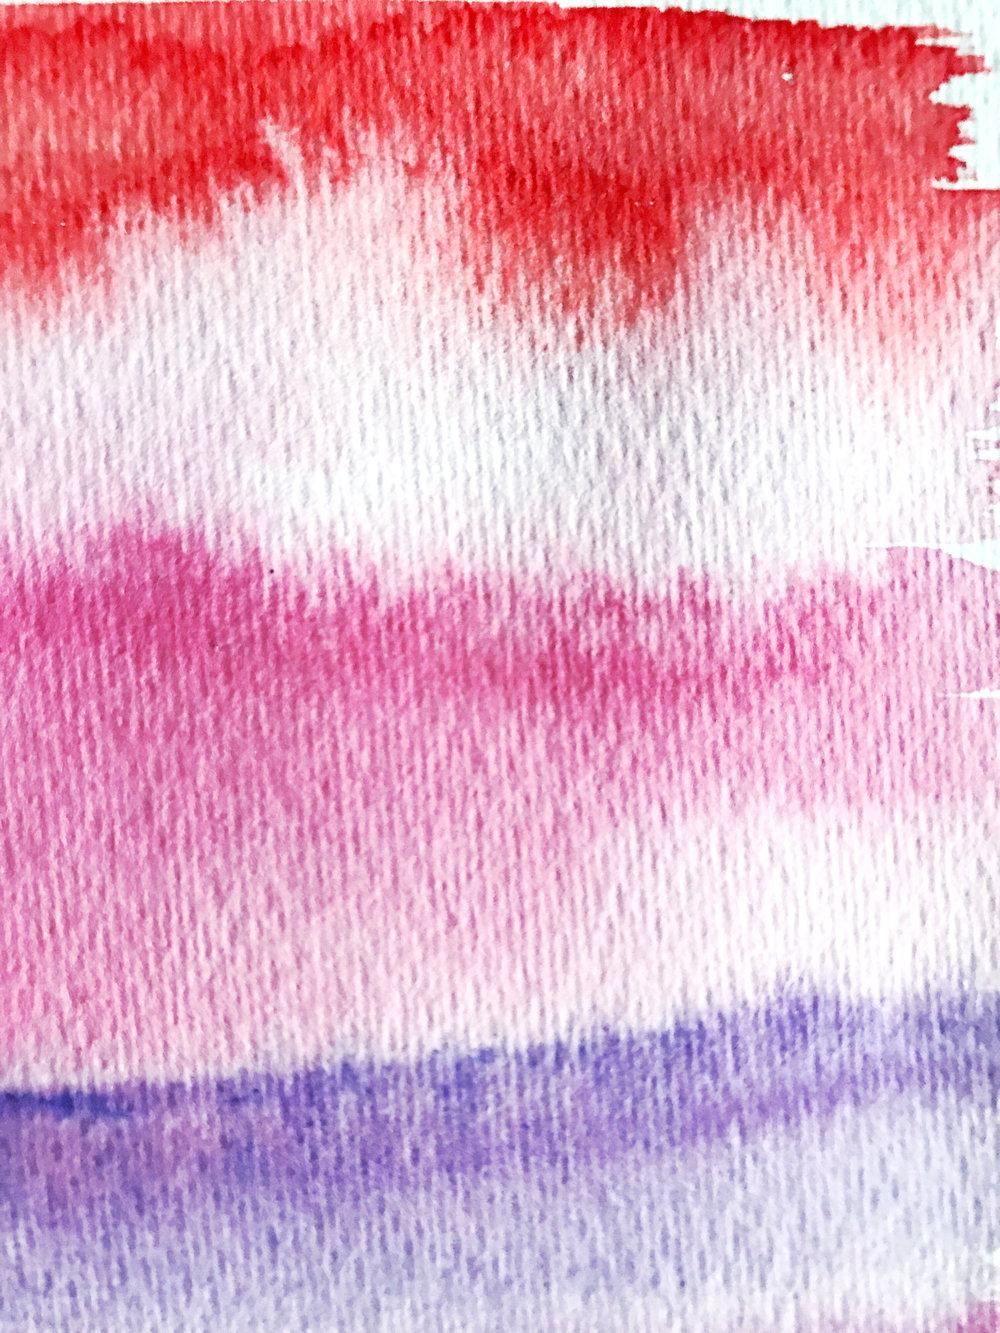 purplepinkredwatercolorbleed.jpg